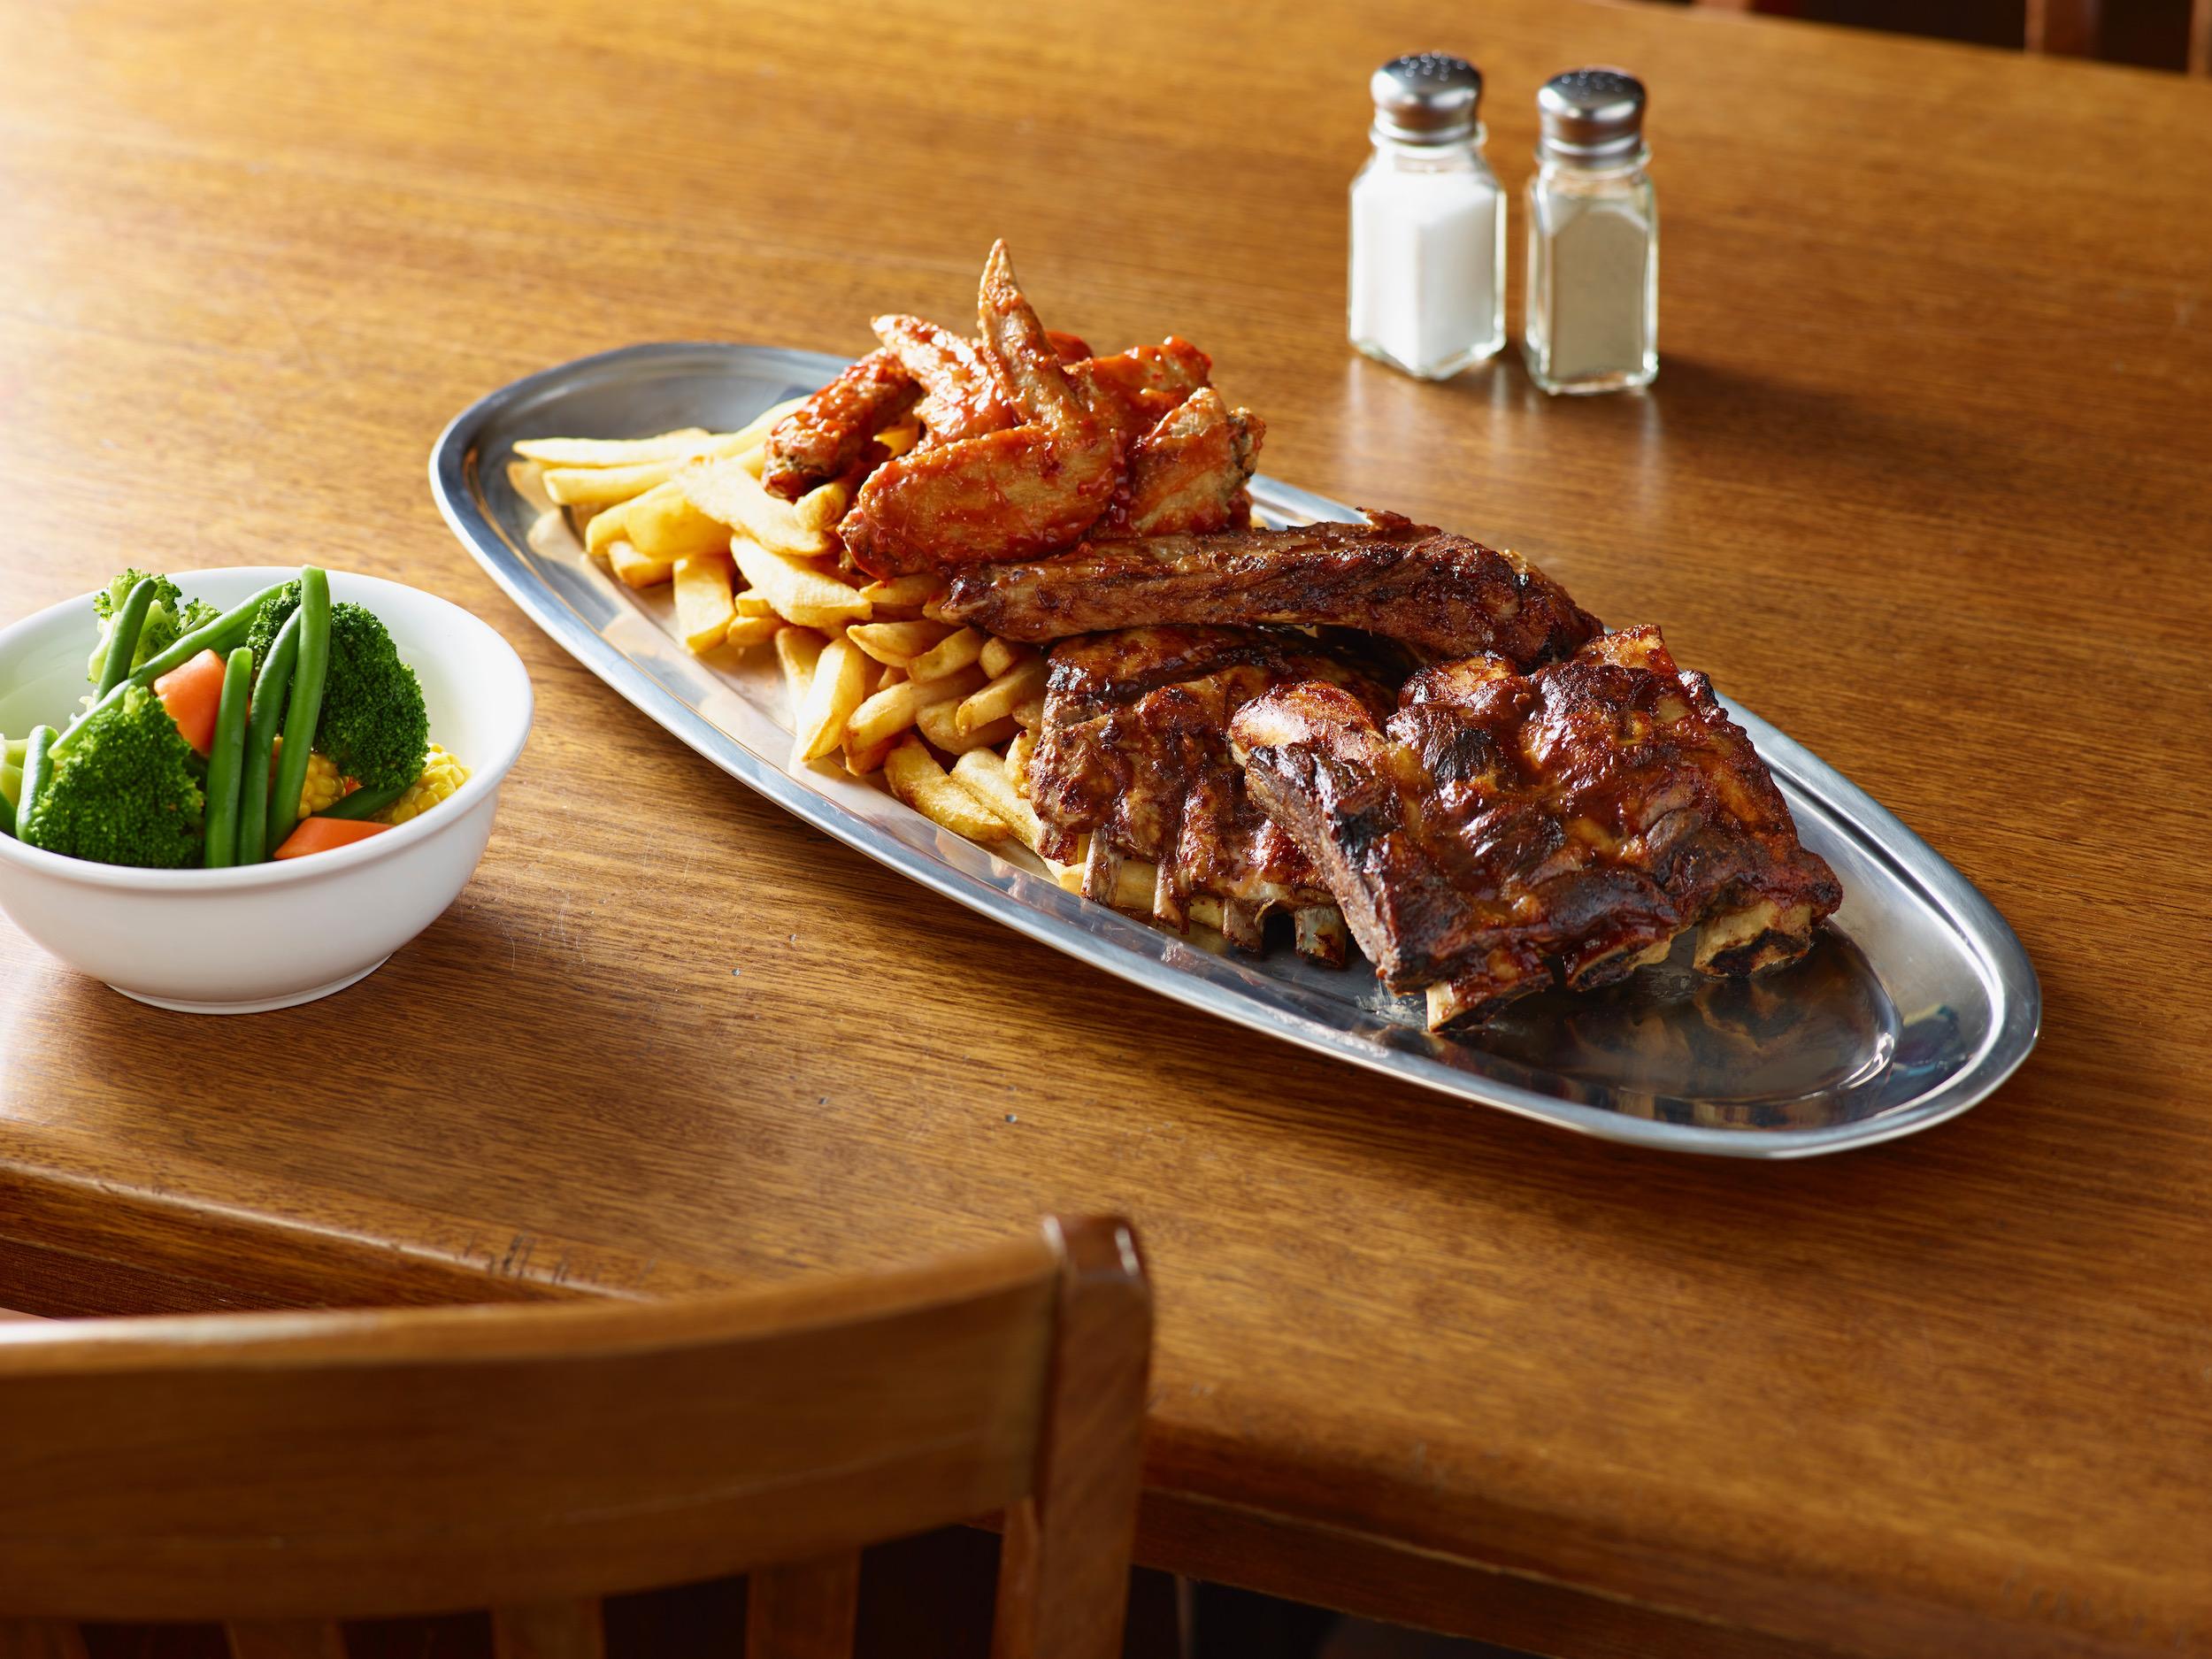 iconic-franchise-restaurant-full-training-provided-maitland-2